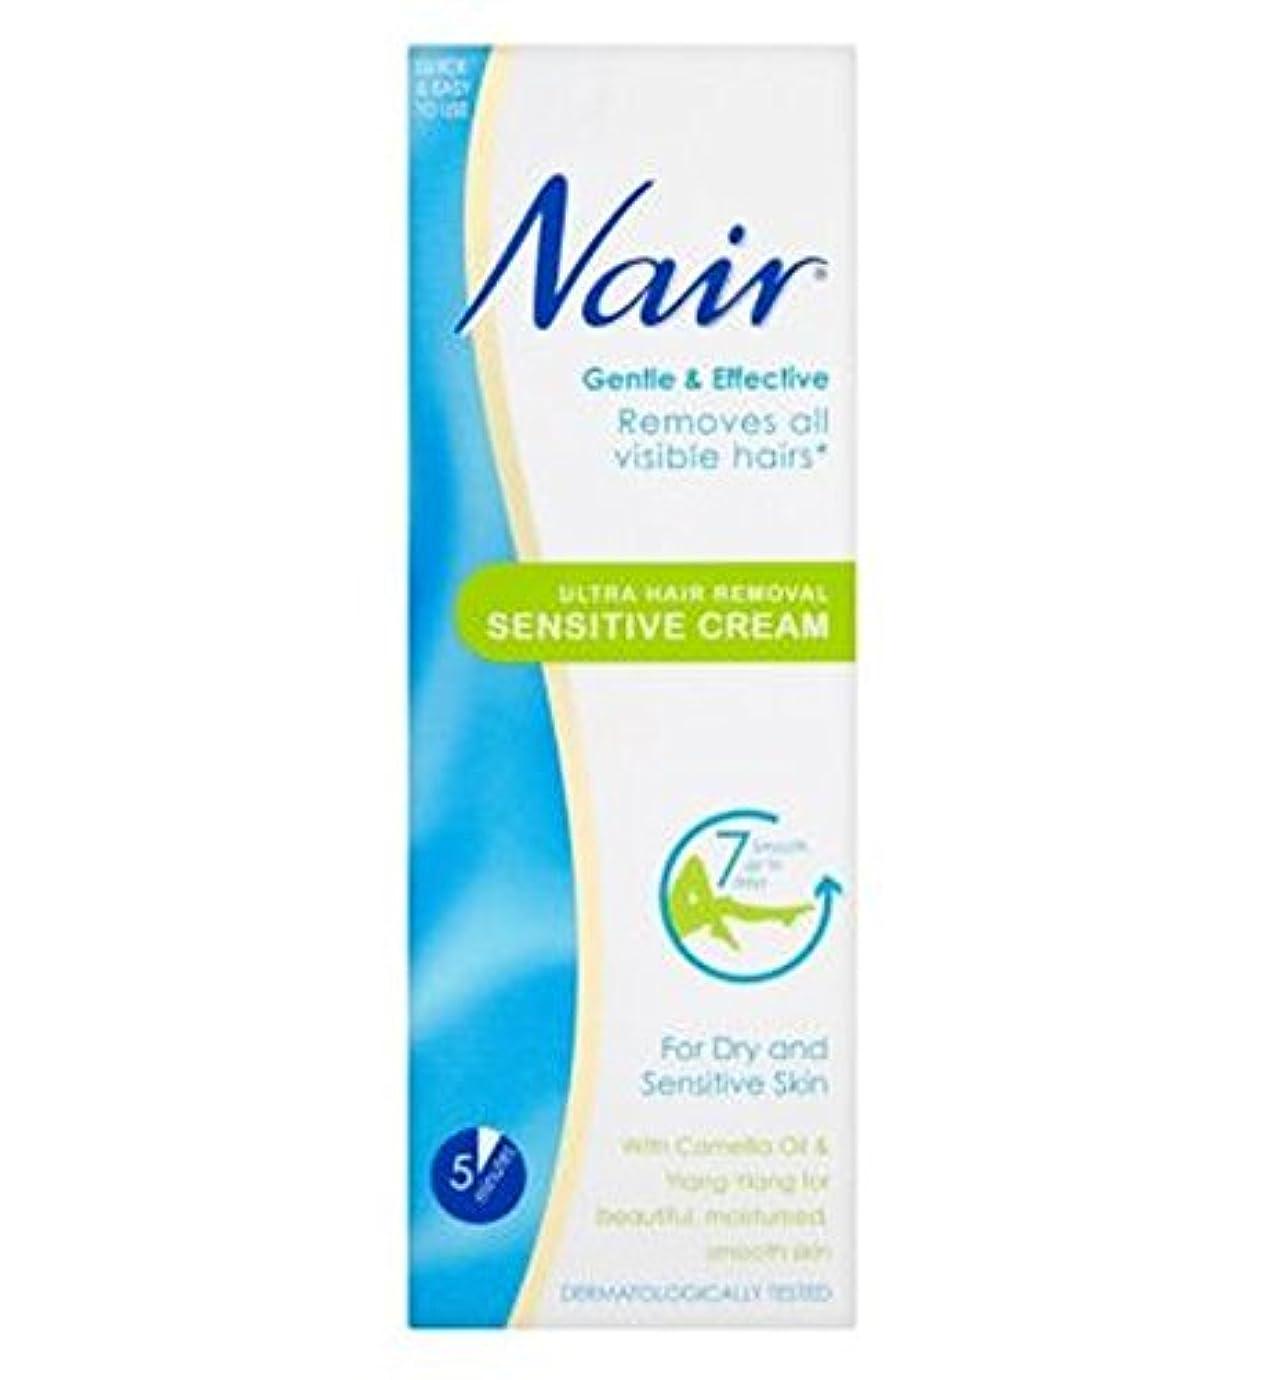 。チャンバー遊び場Nairさん敏感な脱毛クリーム200ミリリットル (Nair) (x2) - Nair Sensitive Hair Removal Cream 200ml (Pack of 2) [並行輸入品]